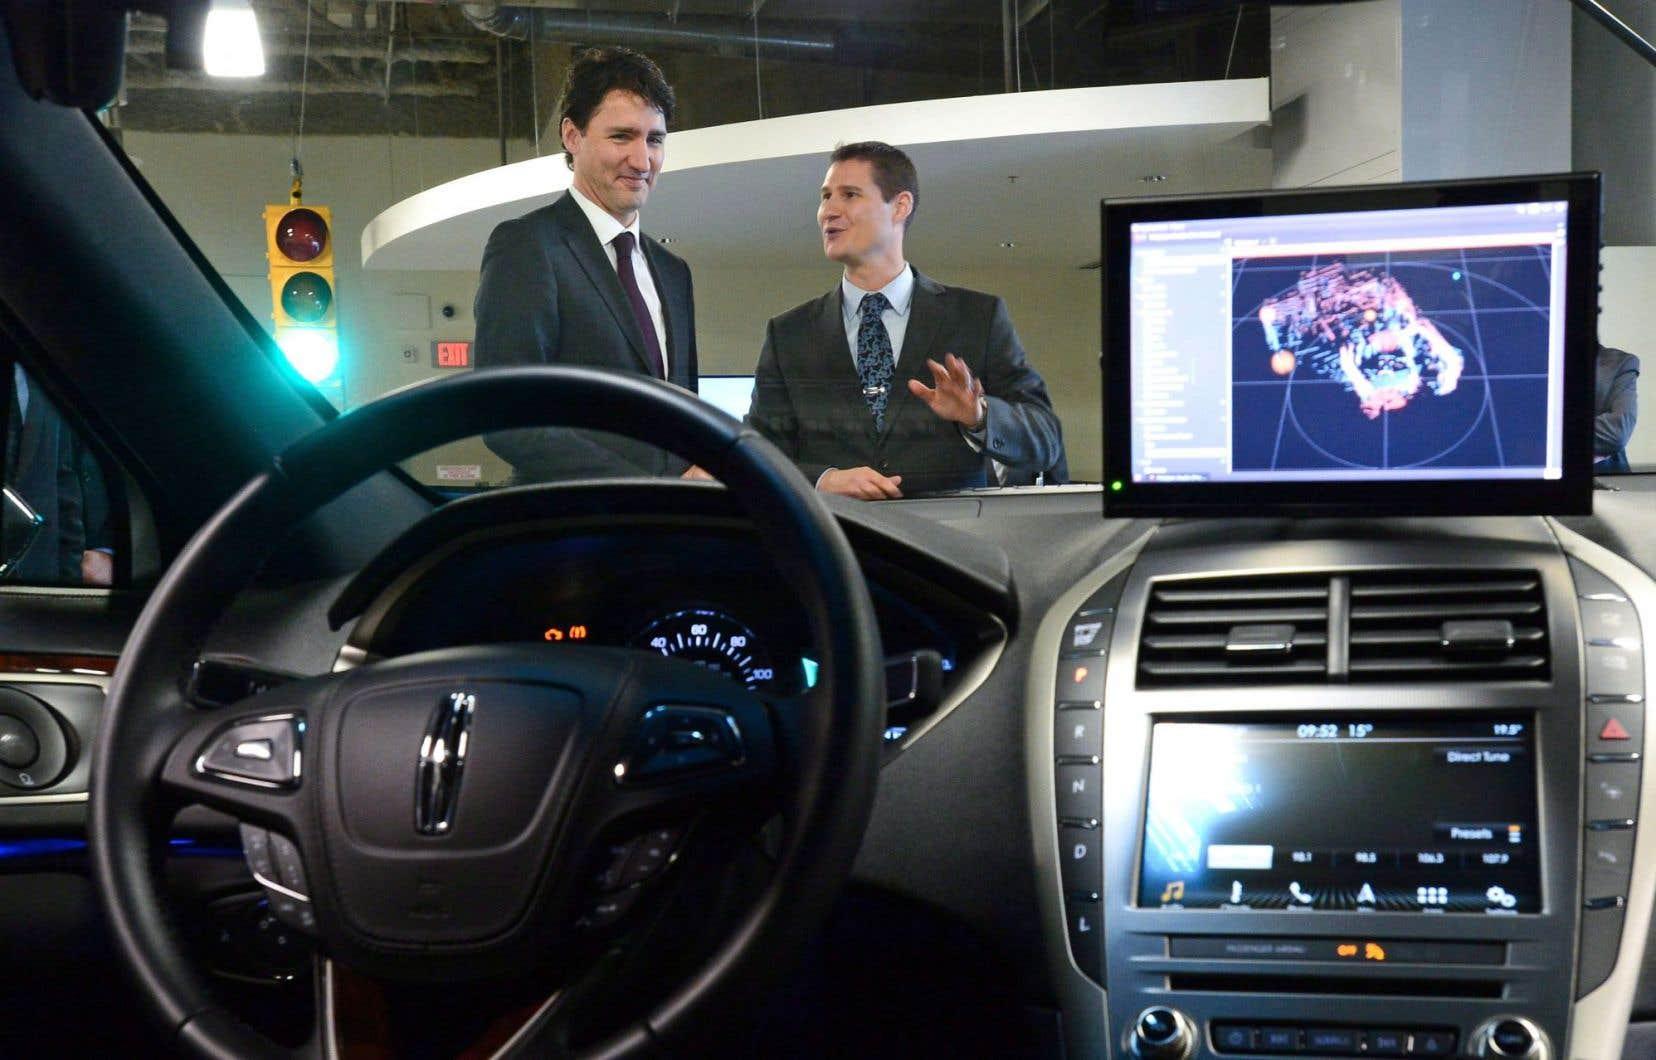 BlackBerry a ouvert lundi un centre de recherche pour voitures autonomes à Ottawa. Le premier ministre, Justin Trudeau, assistait au lancement.